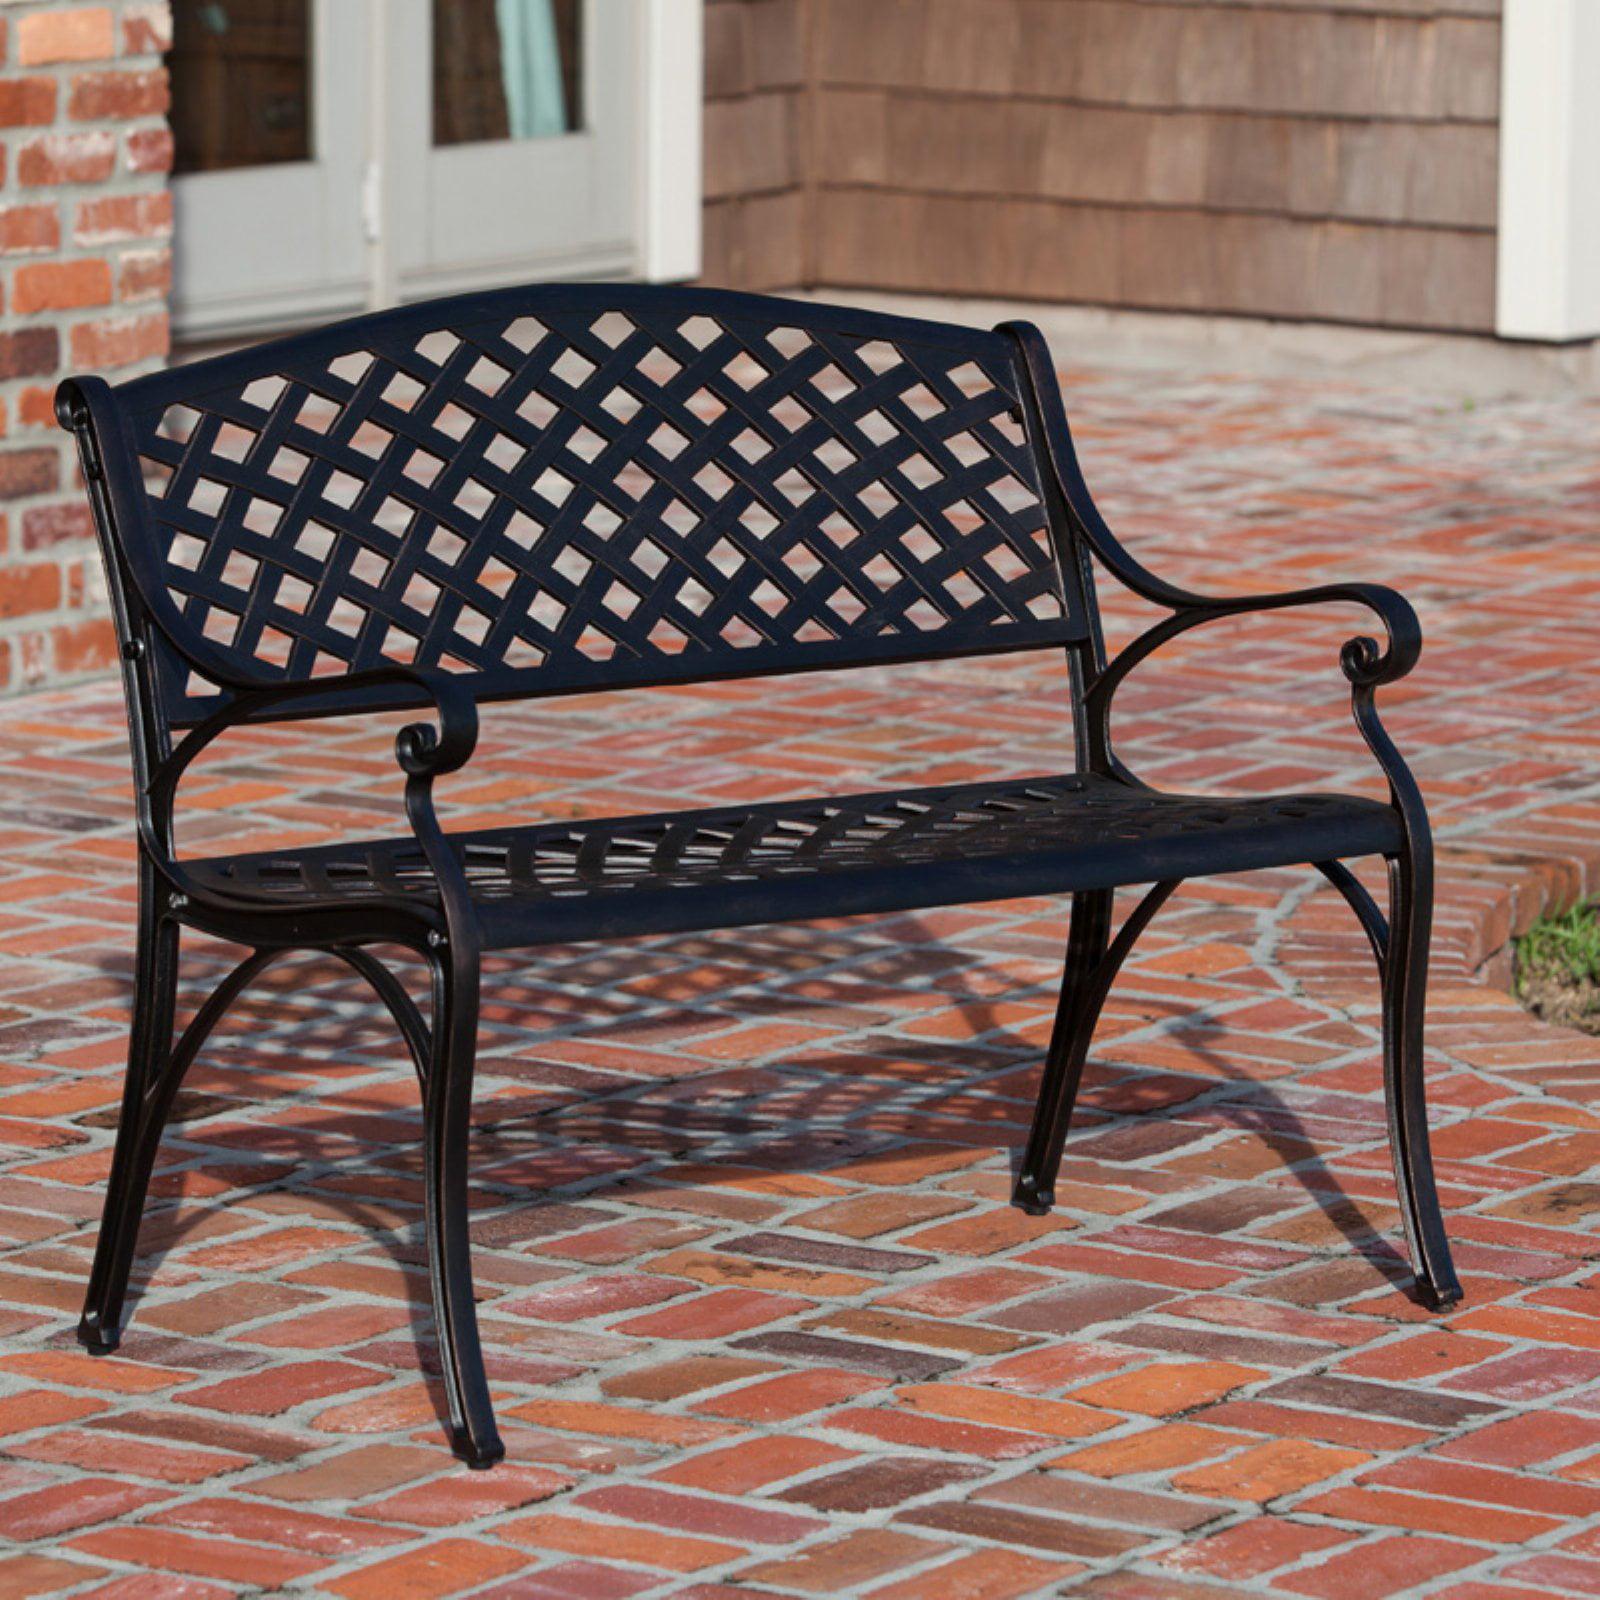 Patio Sense Antique Bronze 40.25 in. Cast Aluminum Bench